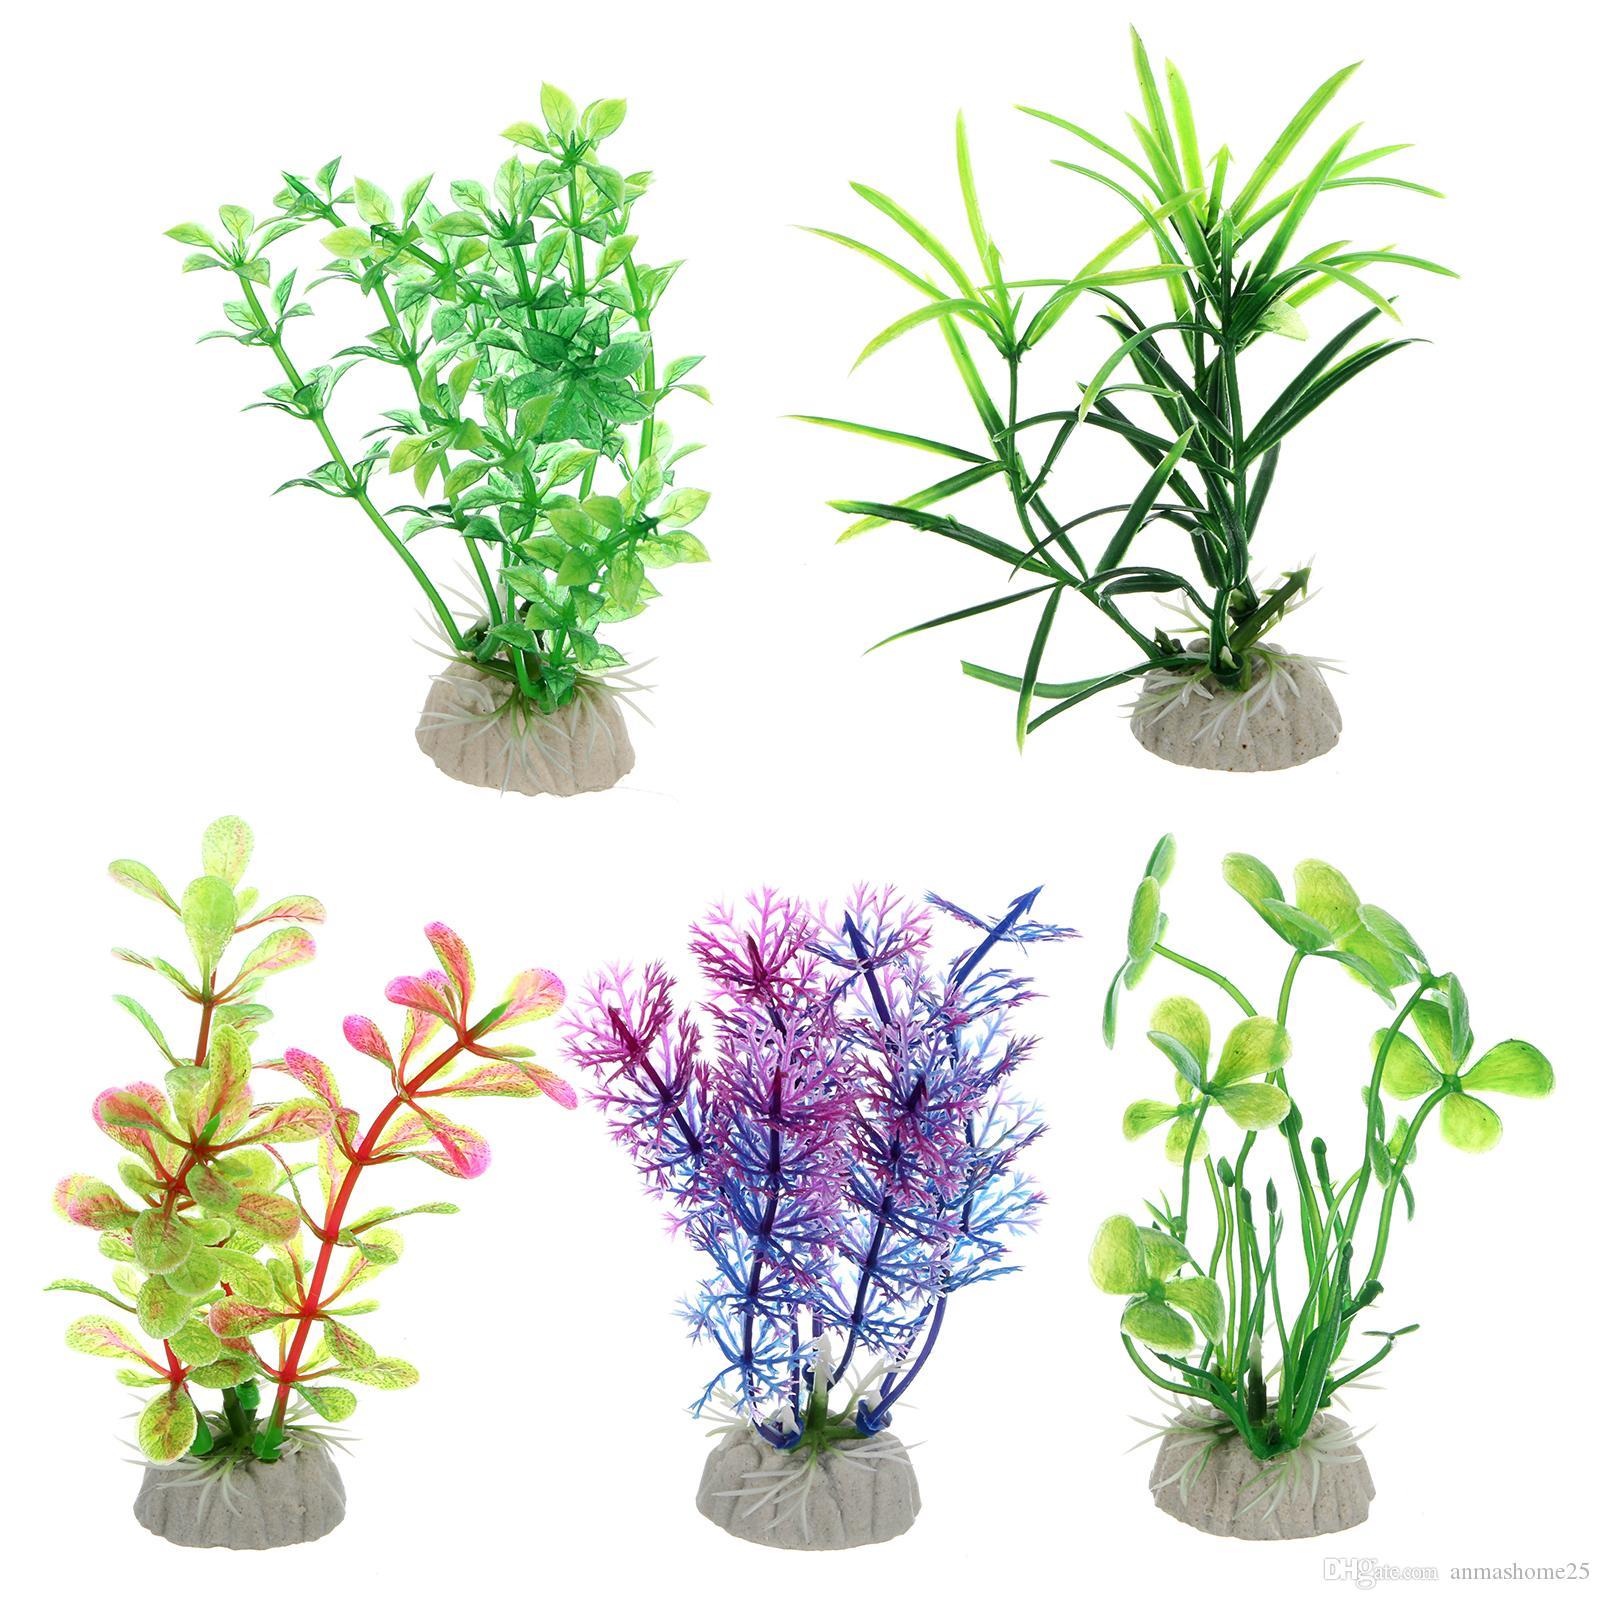 Nouveau gros !!!! Lots 30 PCS Artifical Vert Herbe D'eau Mauvaises Herbes Ornement Sous-Marin Plante Fish Tank Décoration Aquarium